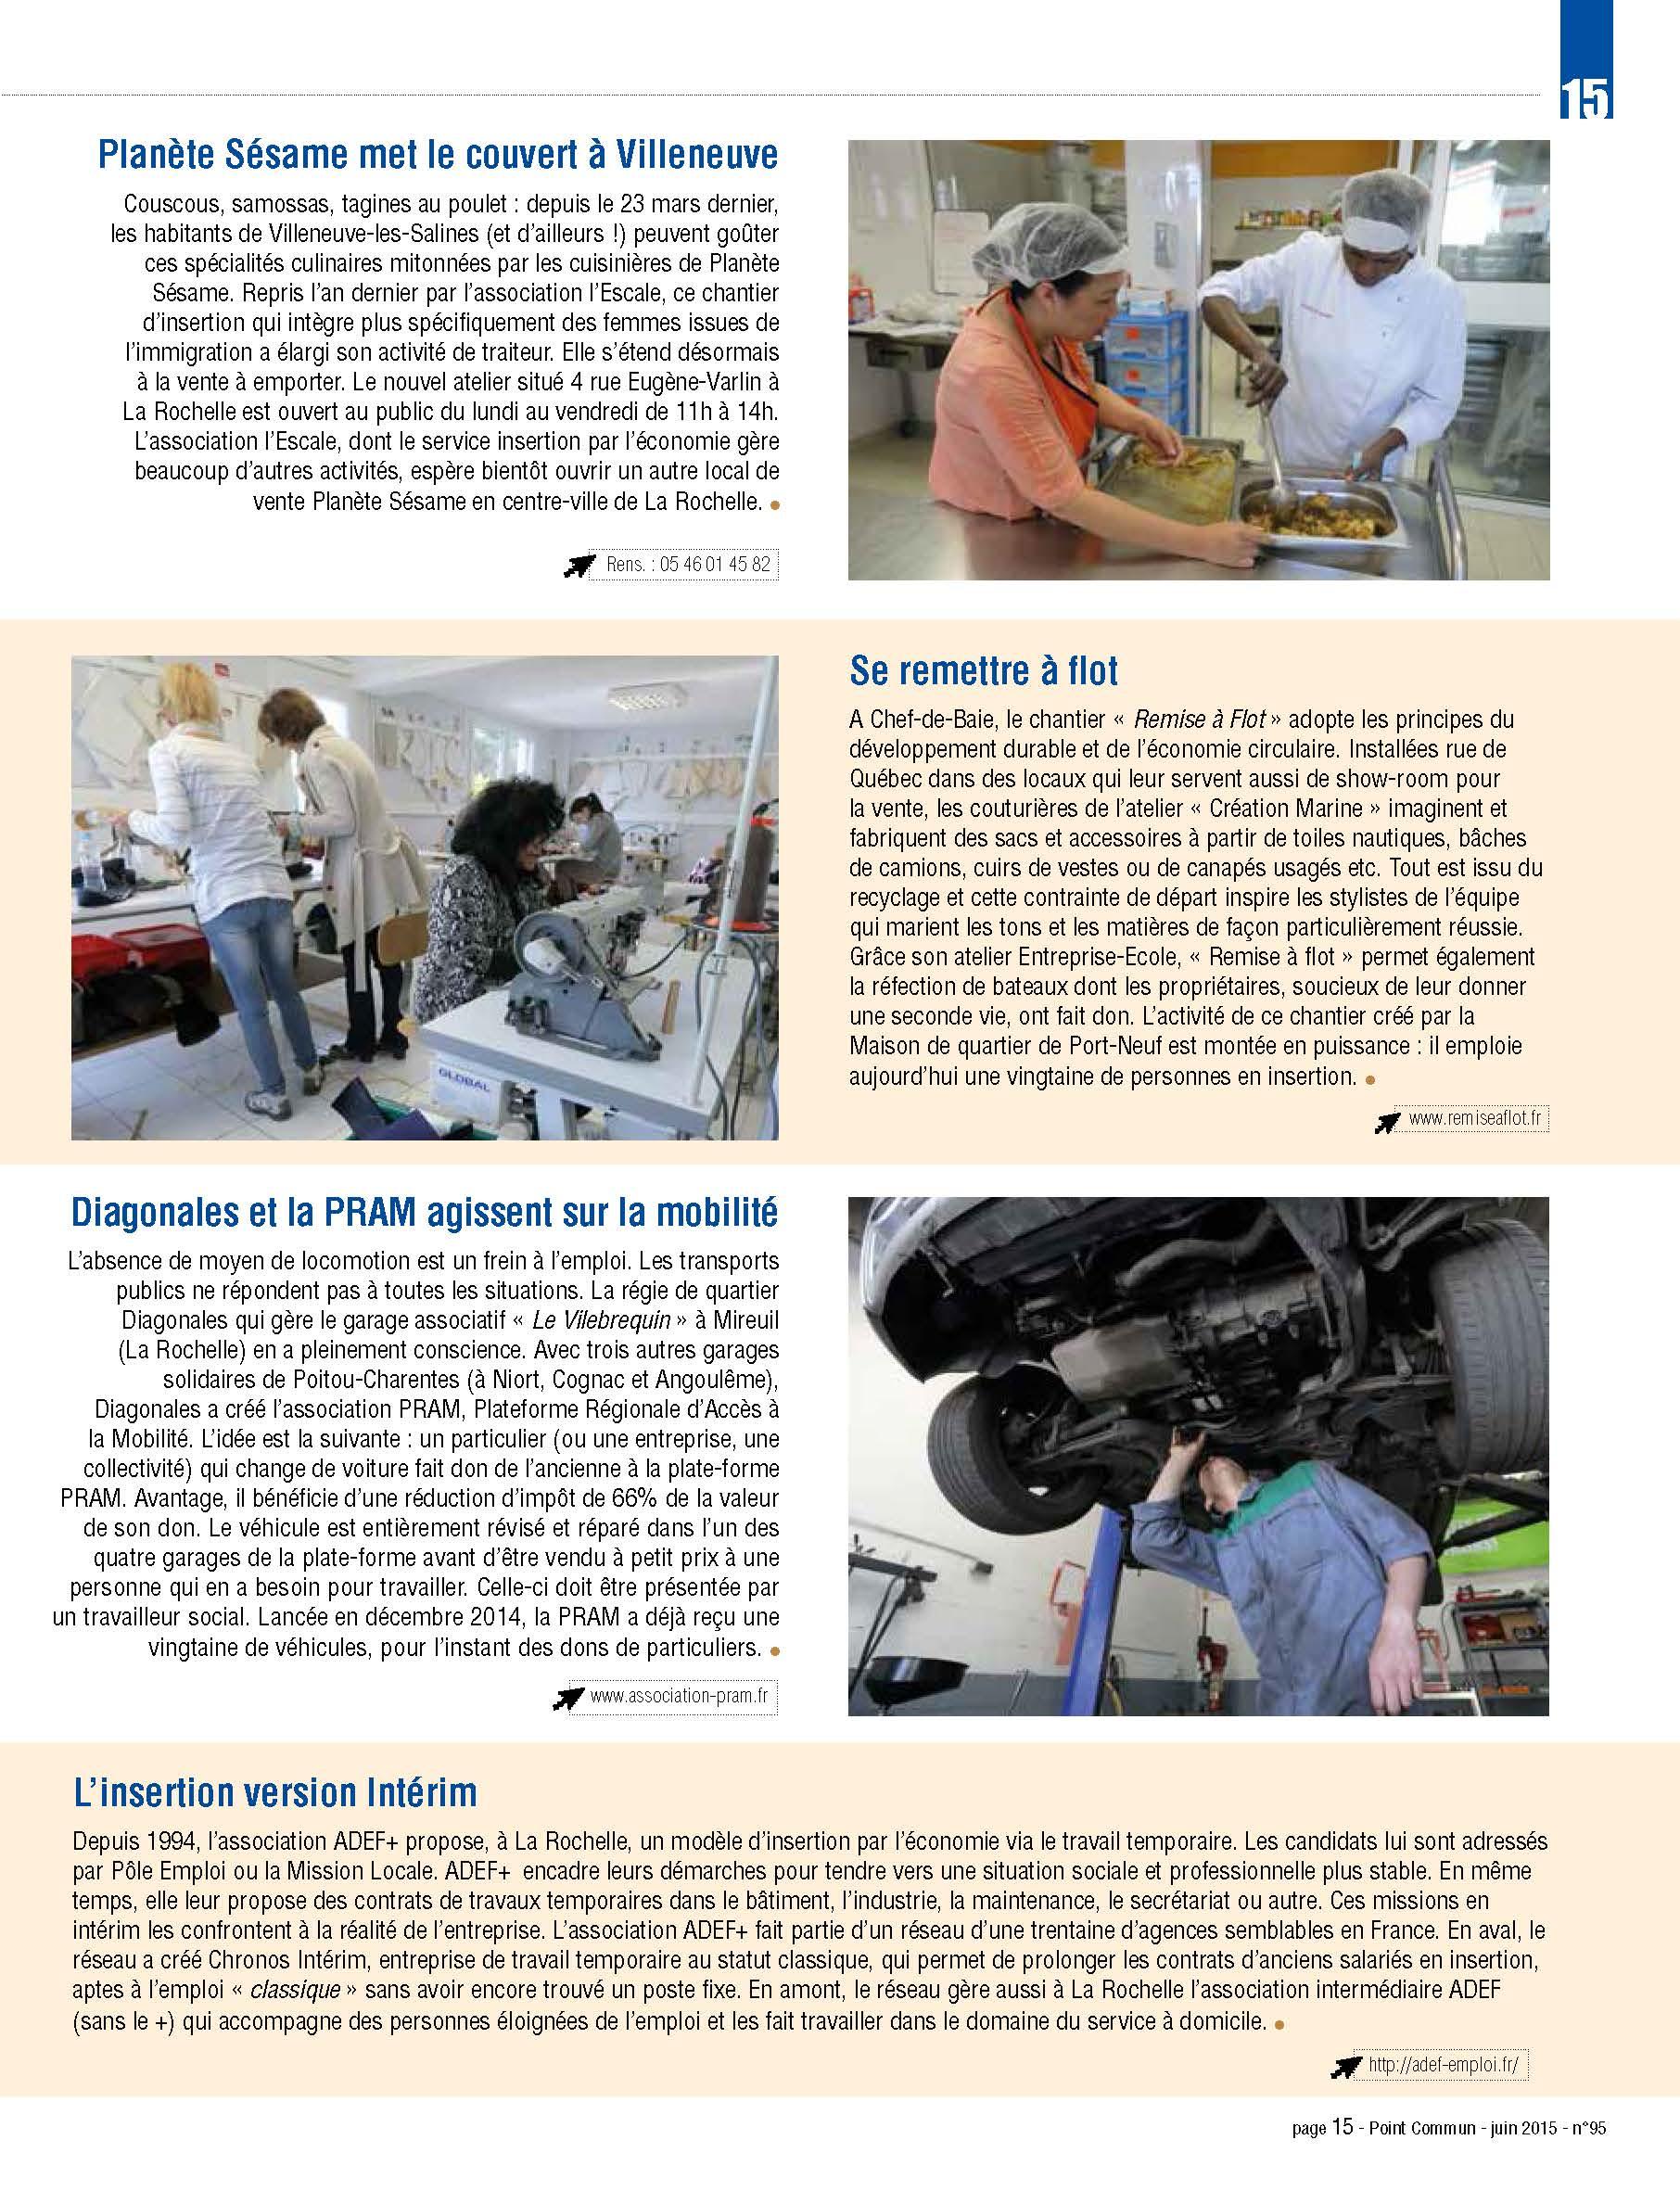 Article Magazine Agglo La Rochelle sur la PRAM